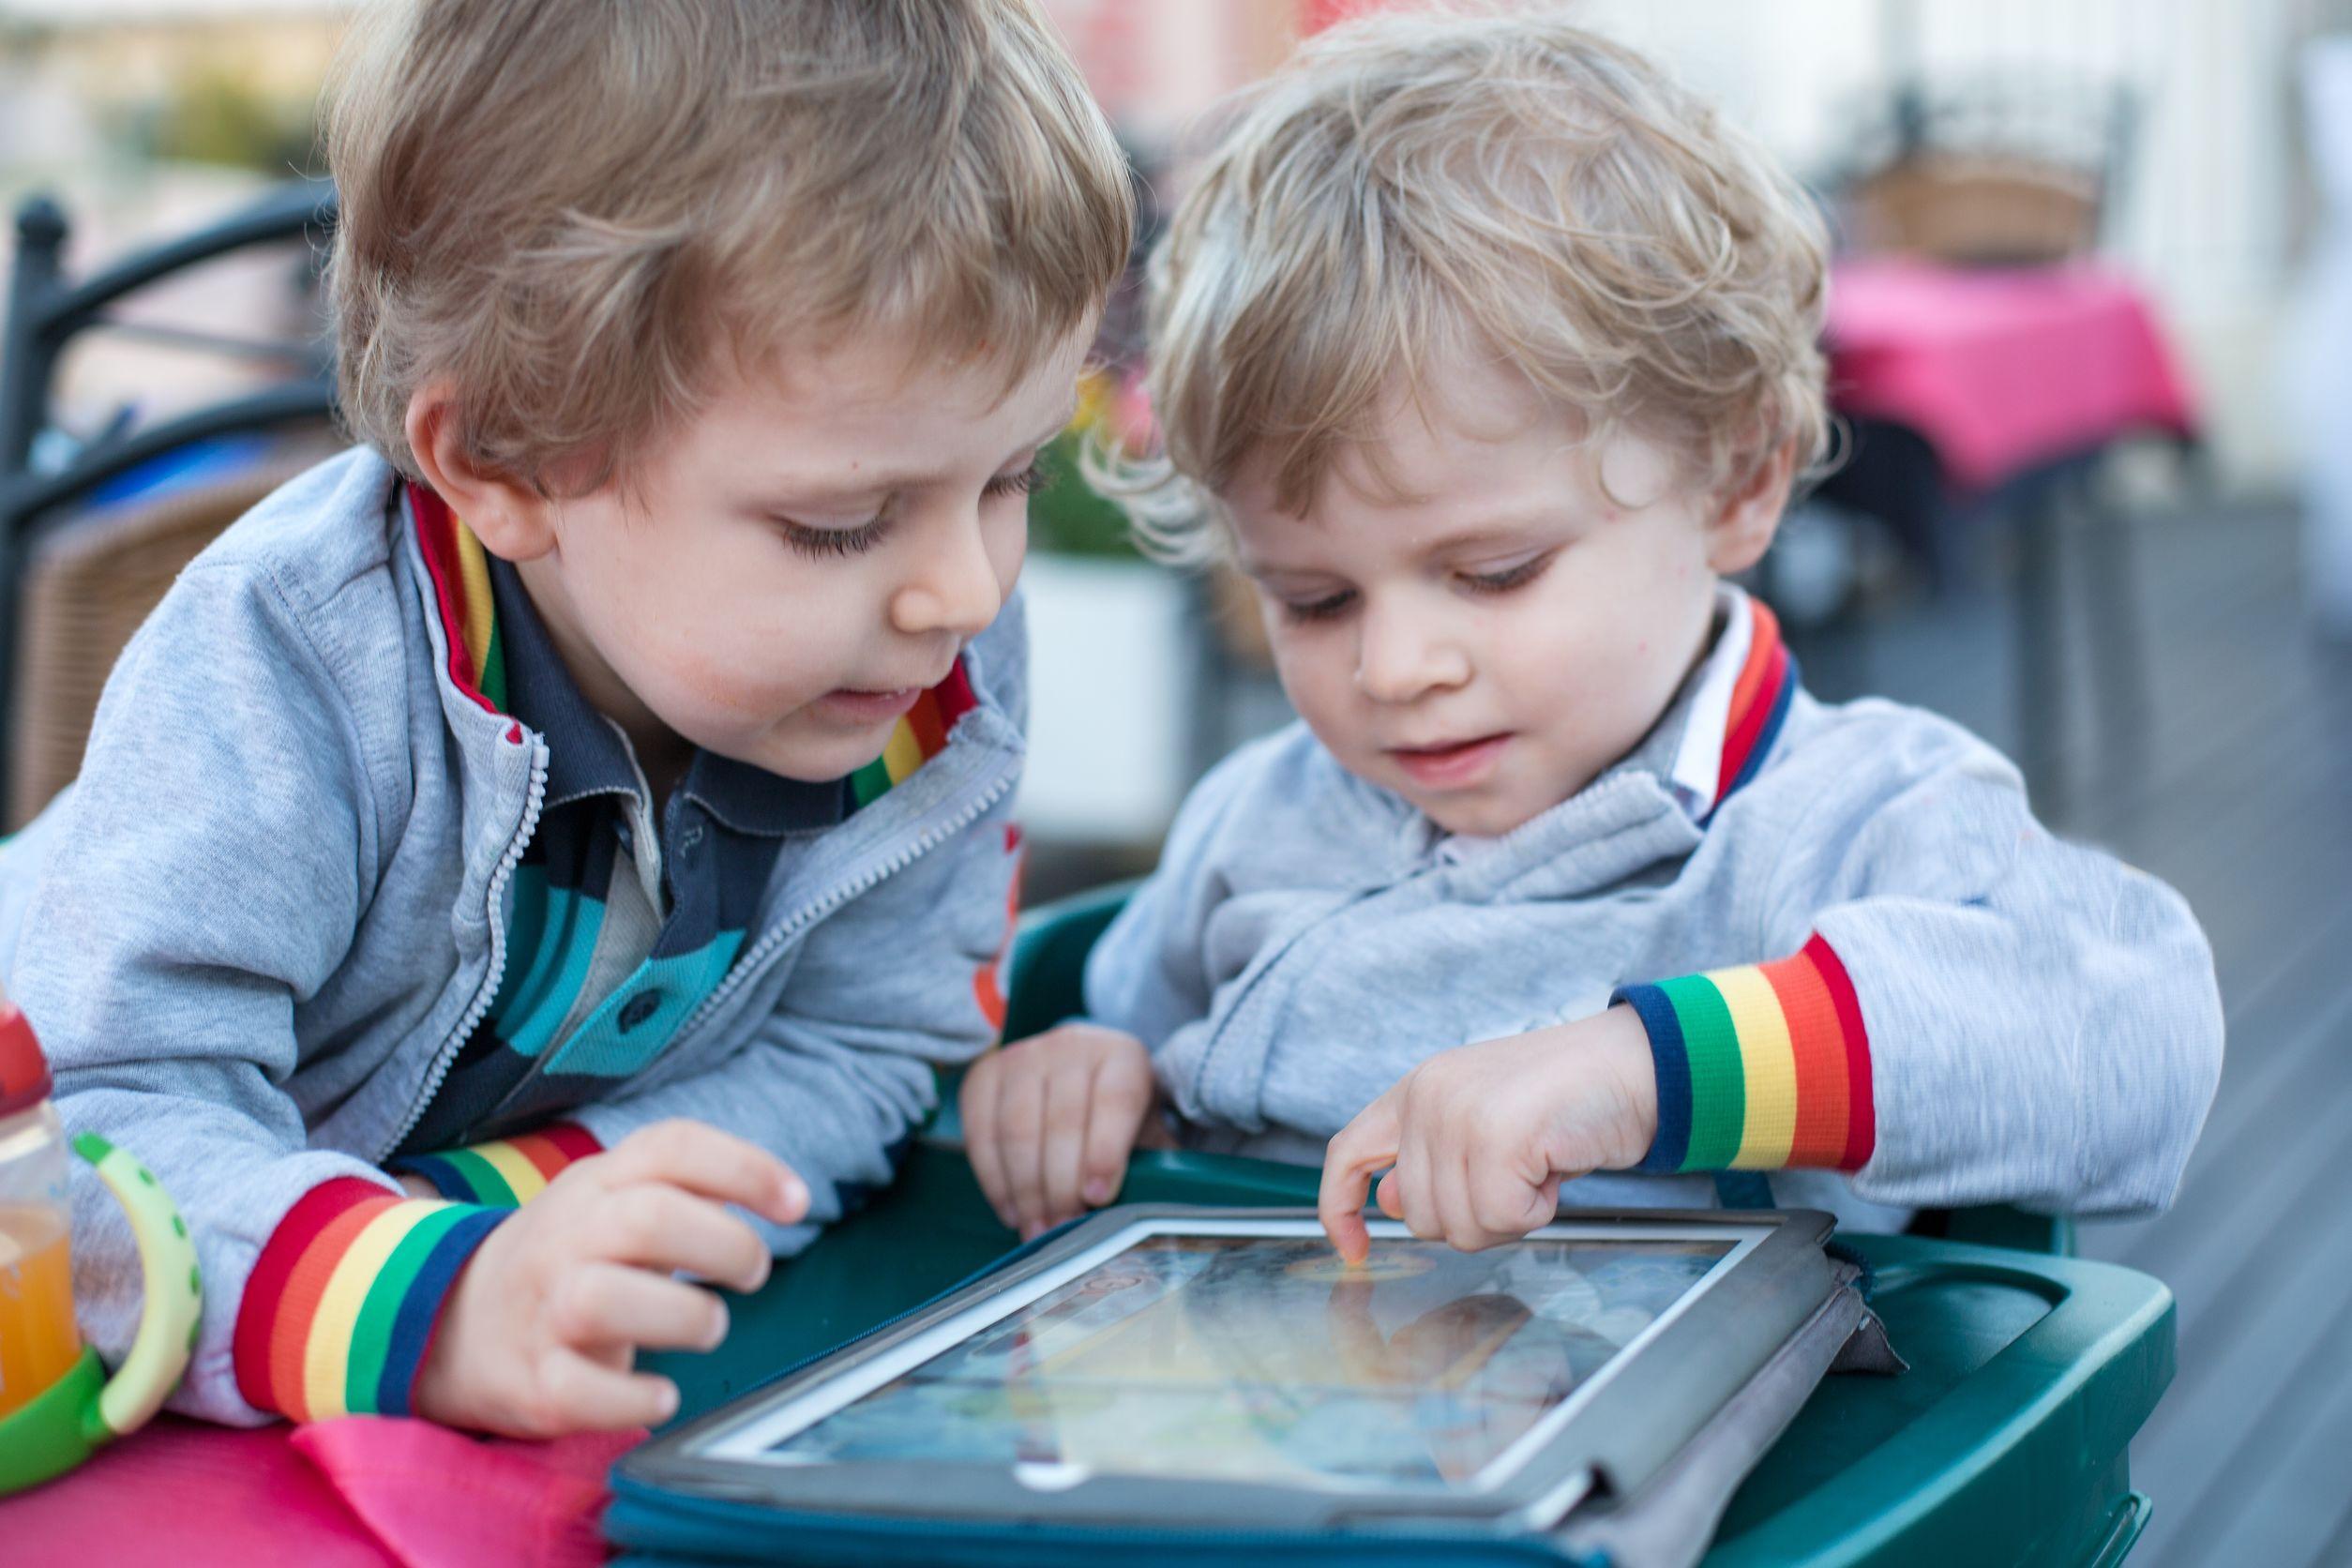 De ce nu trebuie să aibă cei mici acces la ecrane digitale